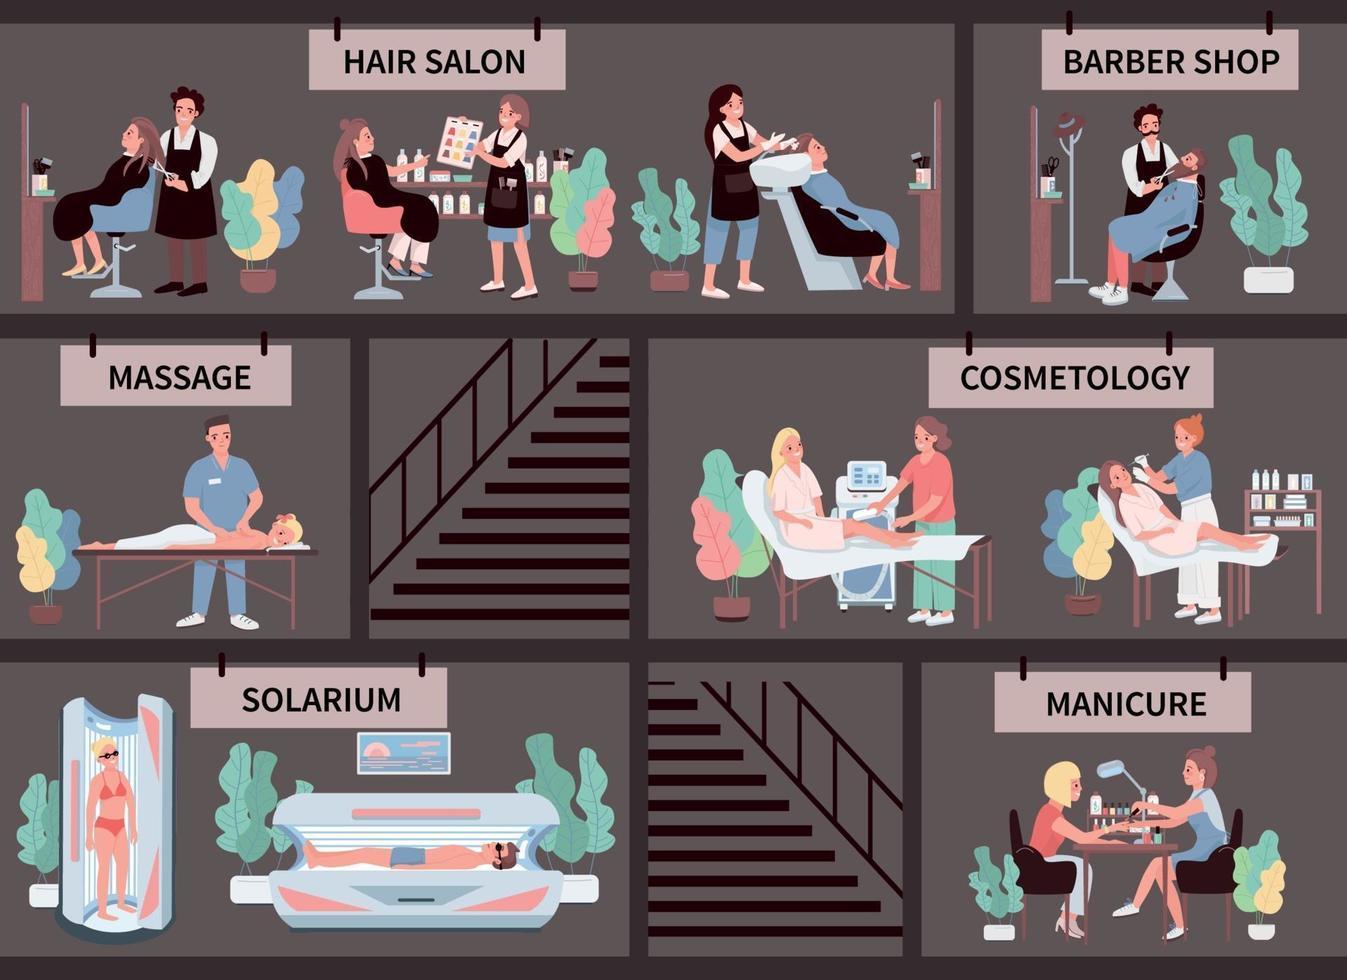 Conjunto de caracteres de vector de color plano de salón de belleza. tratamiento capilar. barbería. manicura, masajes. bronceado solarium. Centro de cosmetología procedimiento ilustraciones de dibujos animados aislados sobre fondo gris